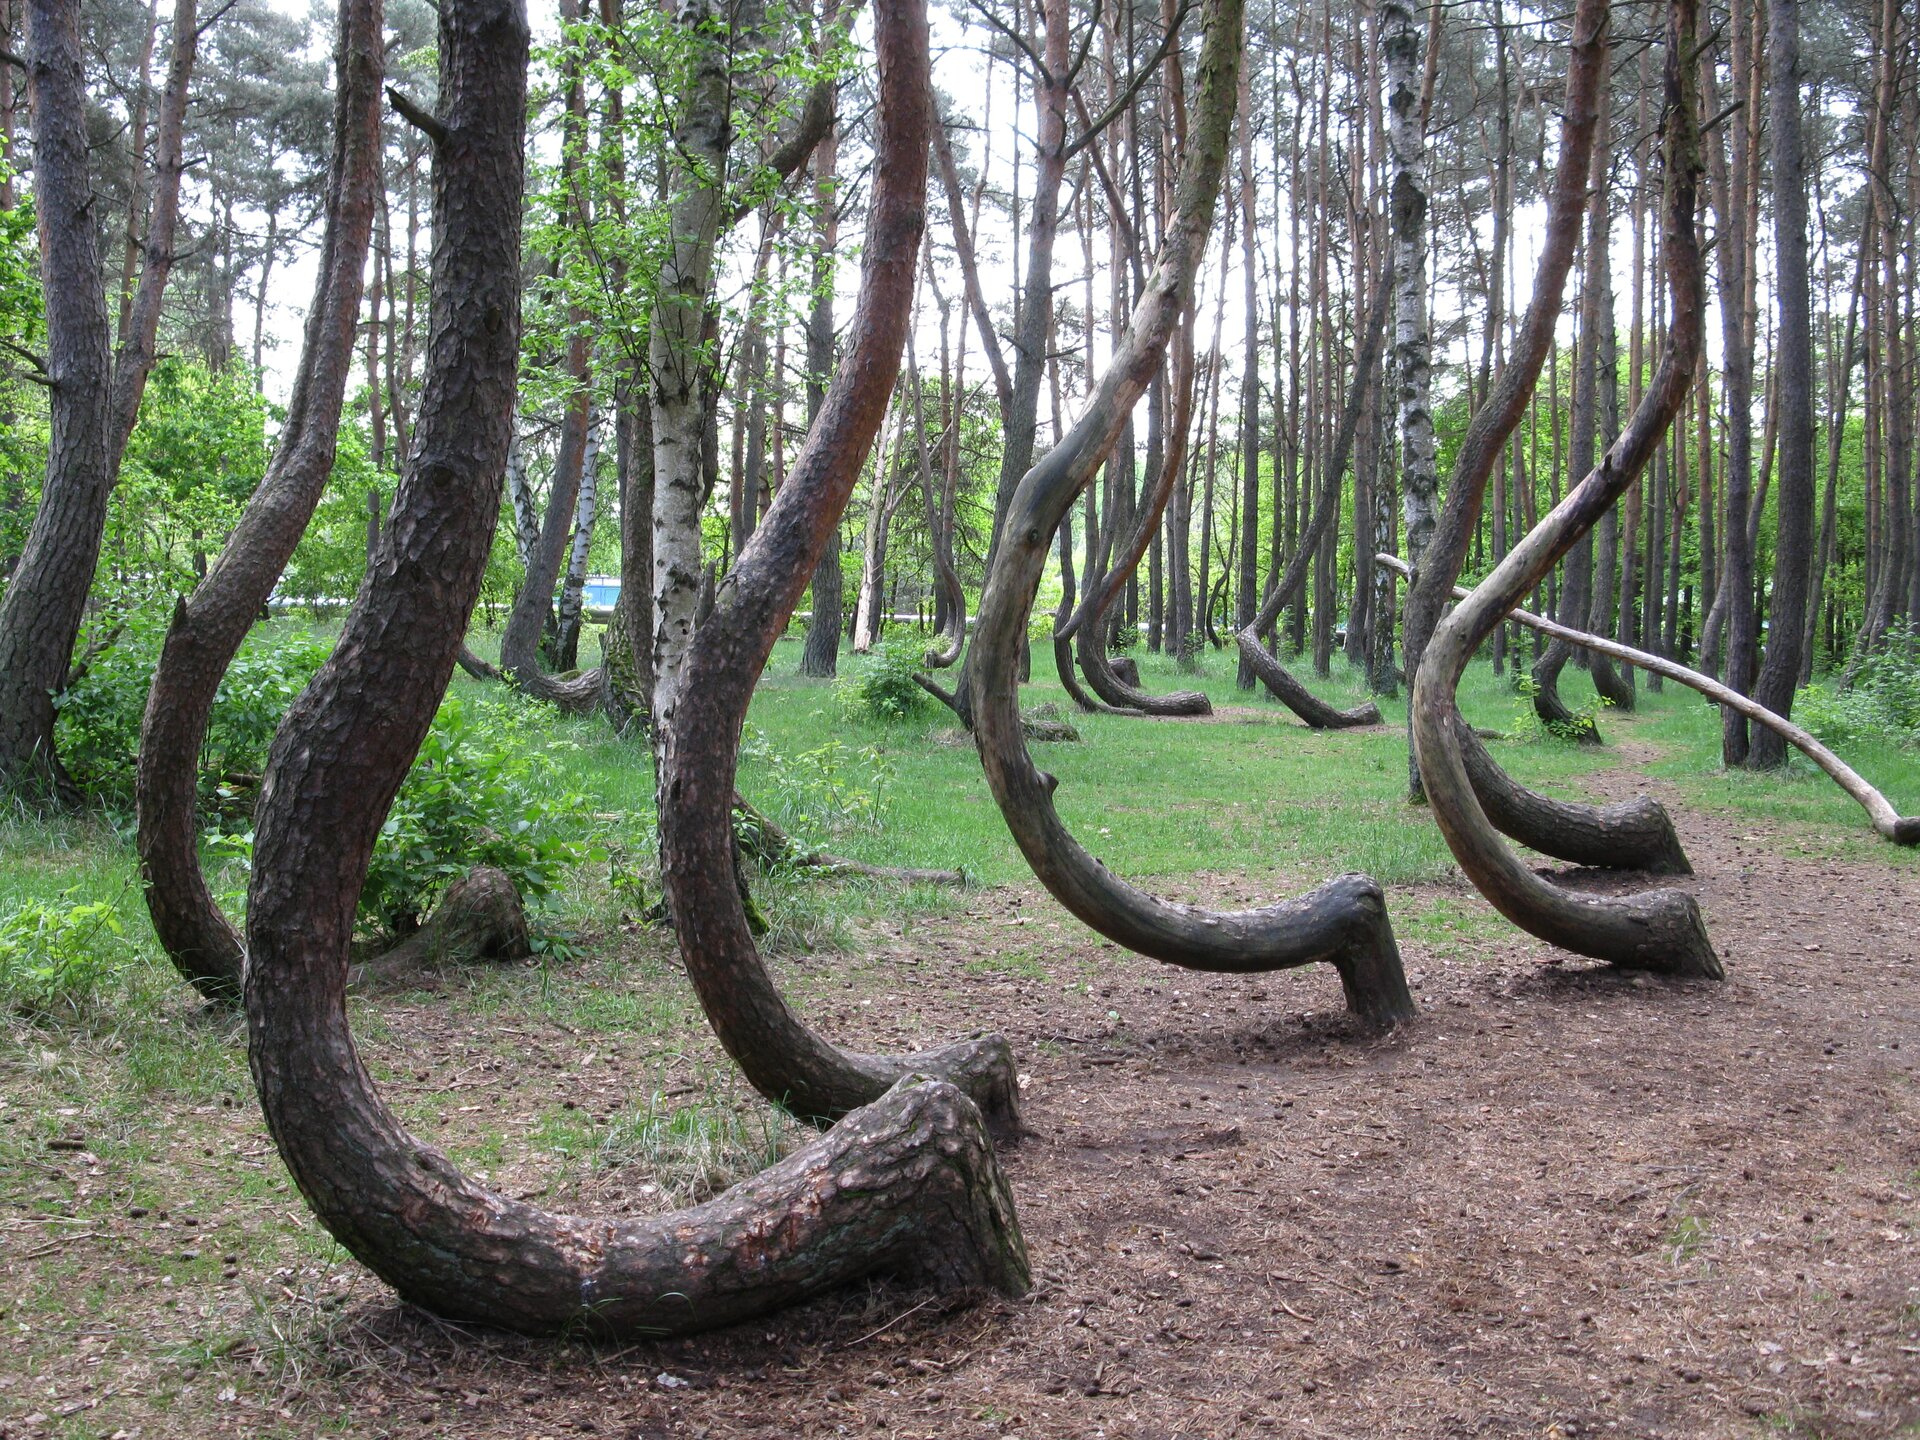 Fotografia przedstawia nietypowo, hakowato wygięte pnie sosen zwyczajnych. Za nimi las mieszany zdrzewami oprostych pniach. To pomnik przyrody Krzywy Las.